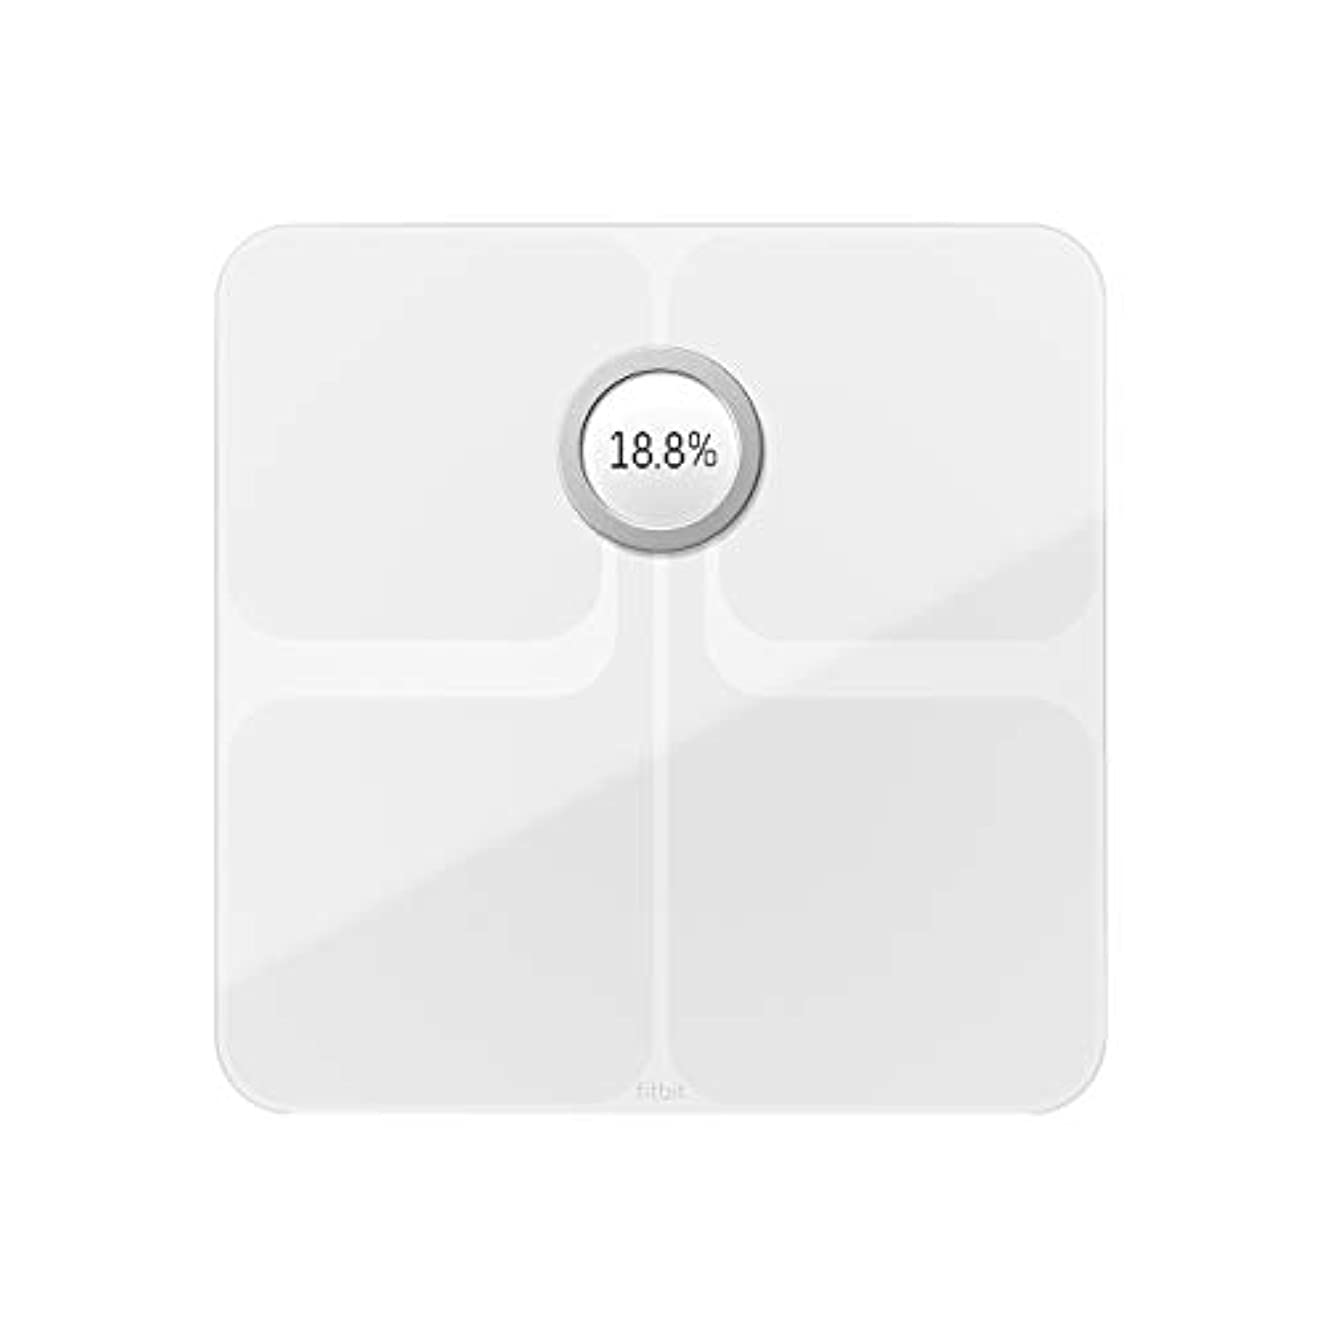 詐欺幸運なハイキングFitbit フィットビット スマート体重計 Aria2 WiFi/Bluetooth対応 White【日本正規品】 FB202WT-JP